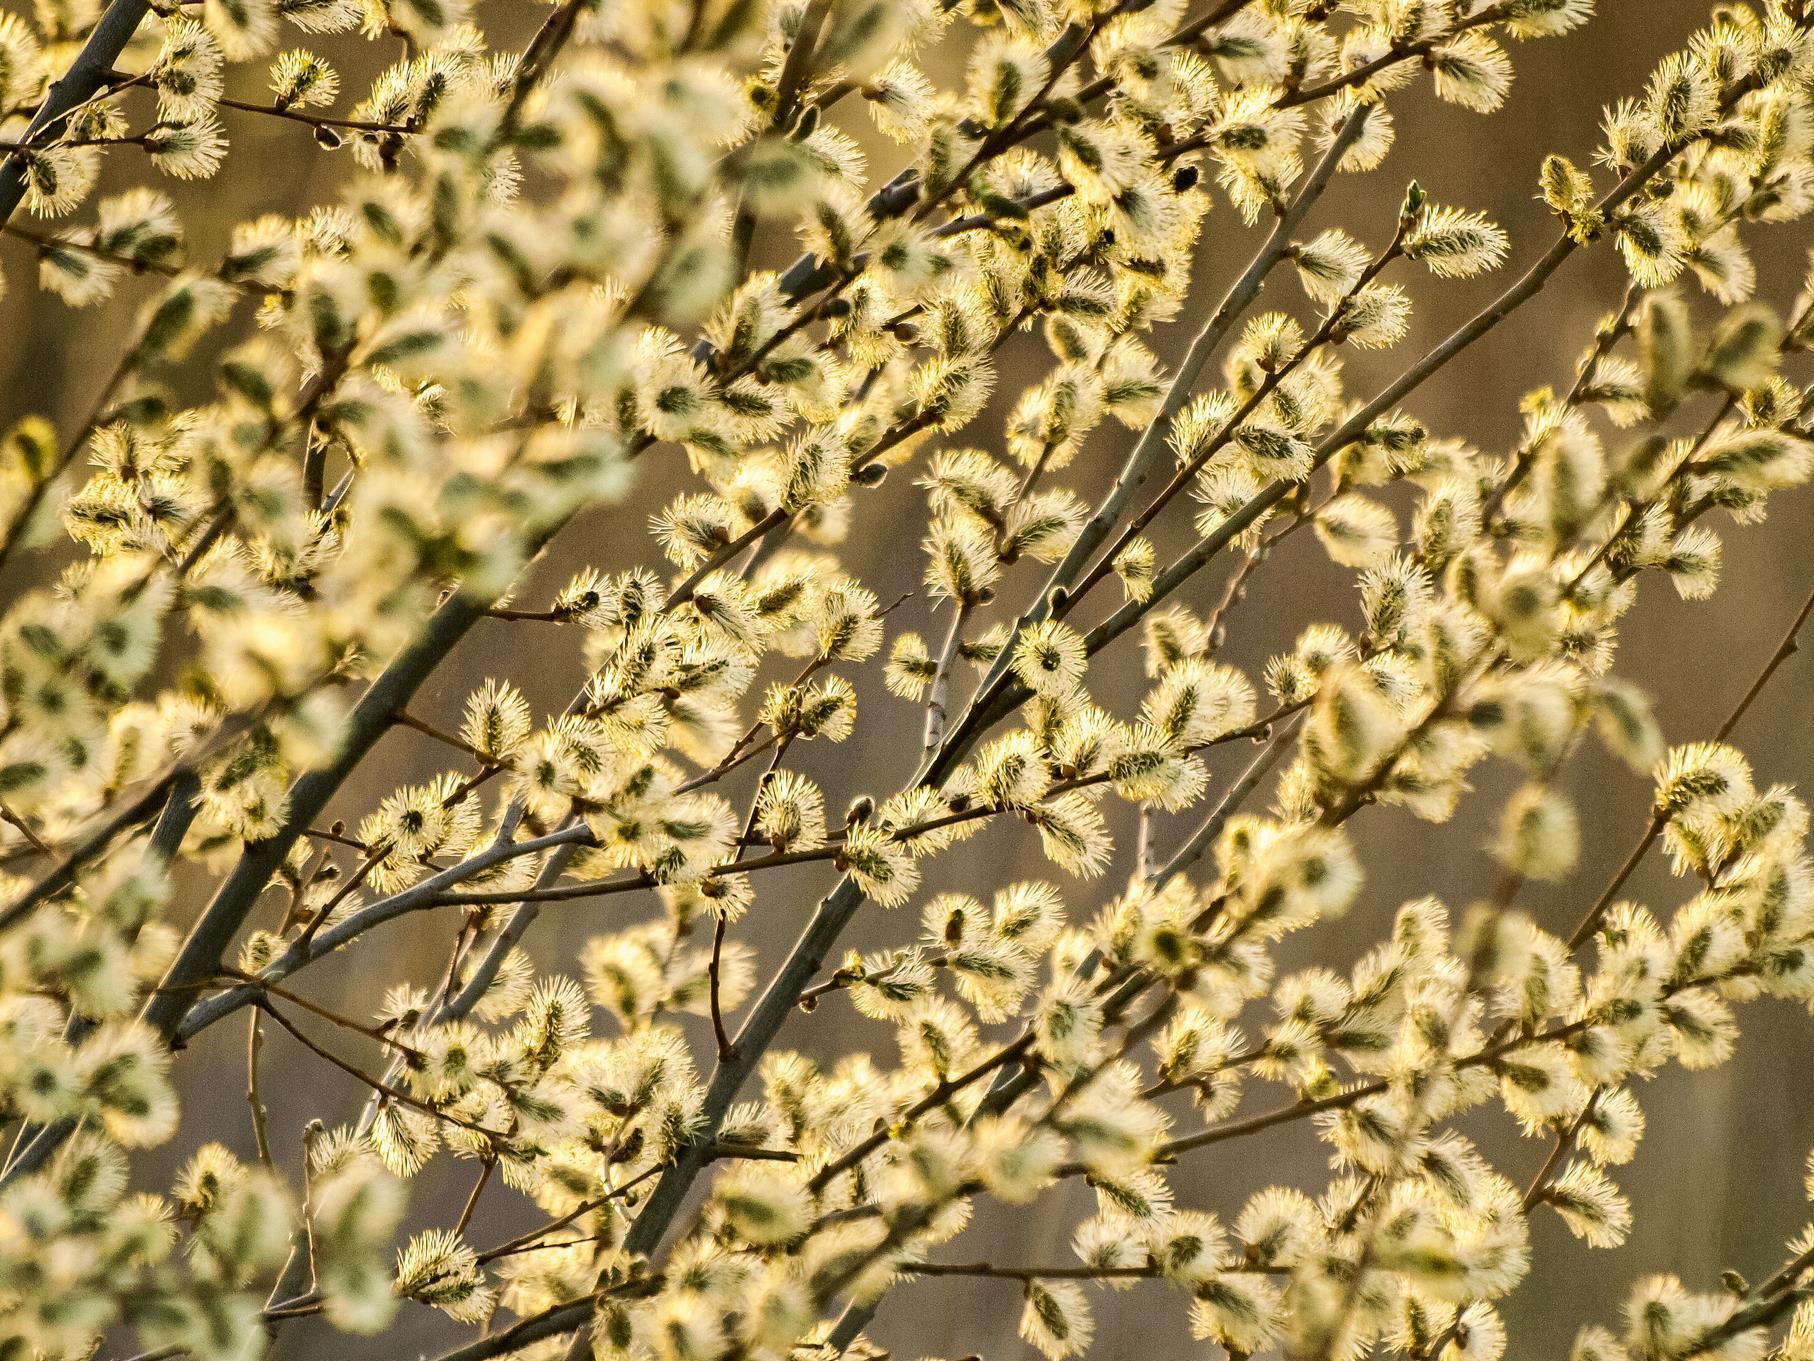 Blühende Weiden-Zweige im Abendlicht.